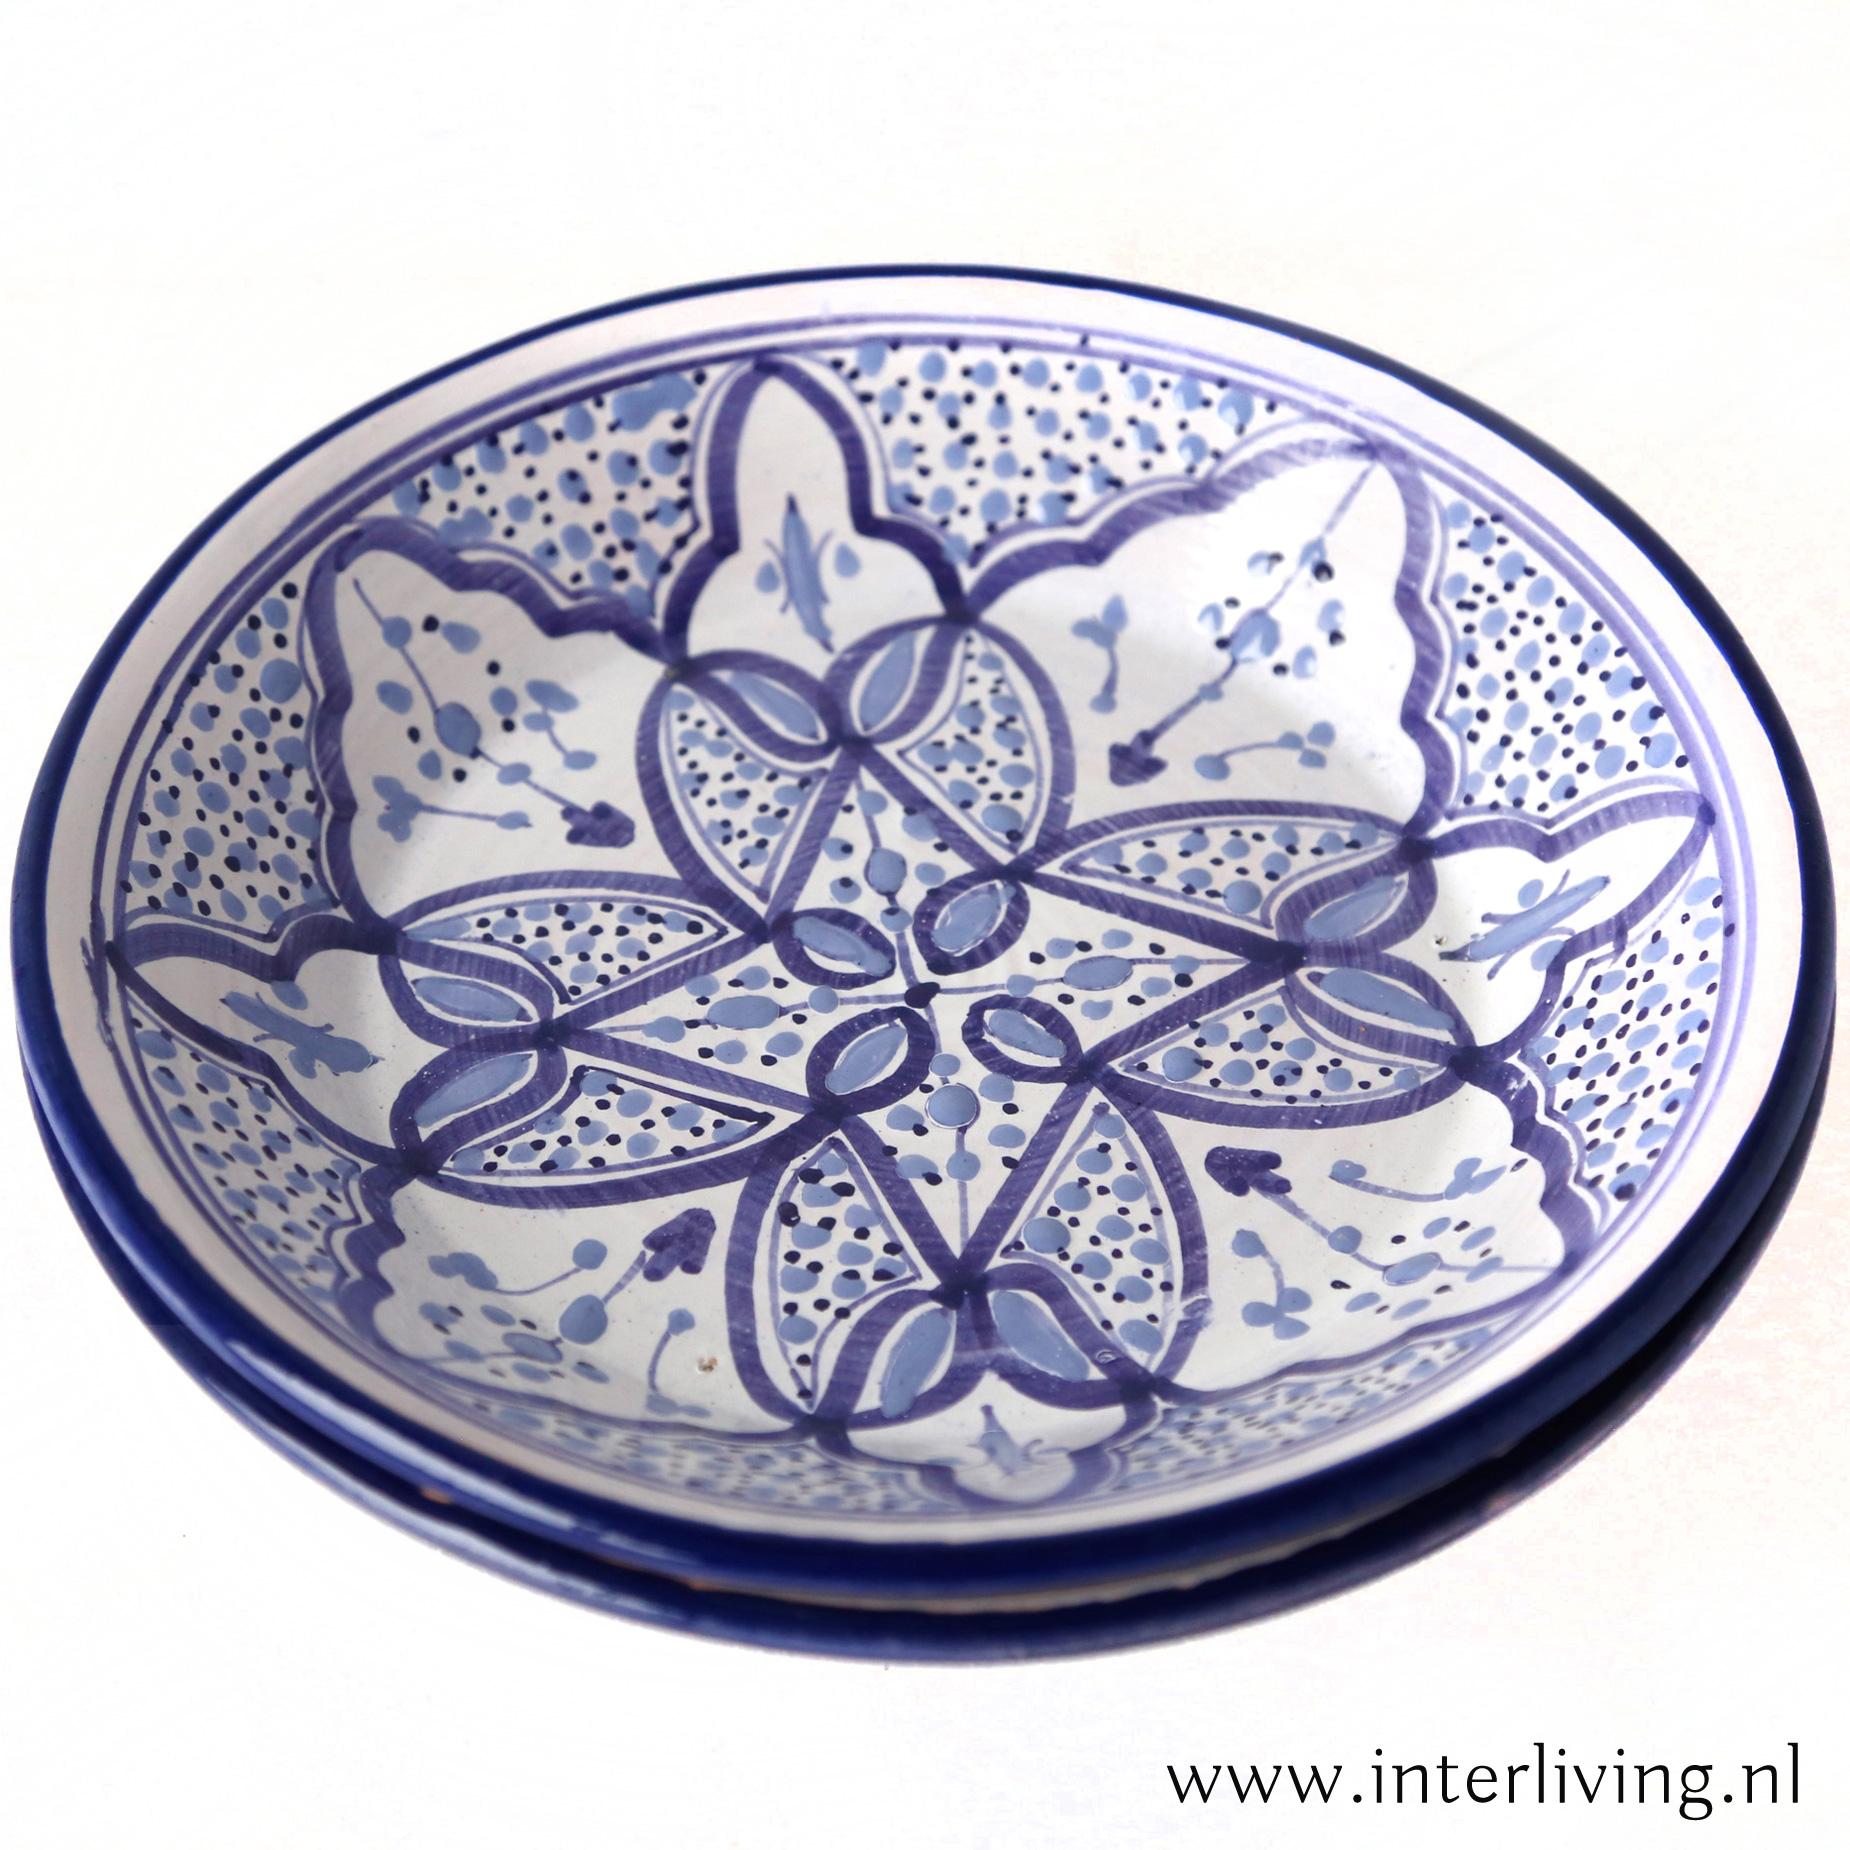 Marokkaans aardewerk bord -handgemaakt & handbeschilderd